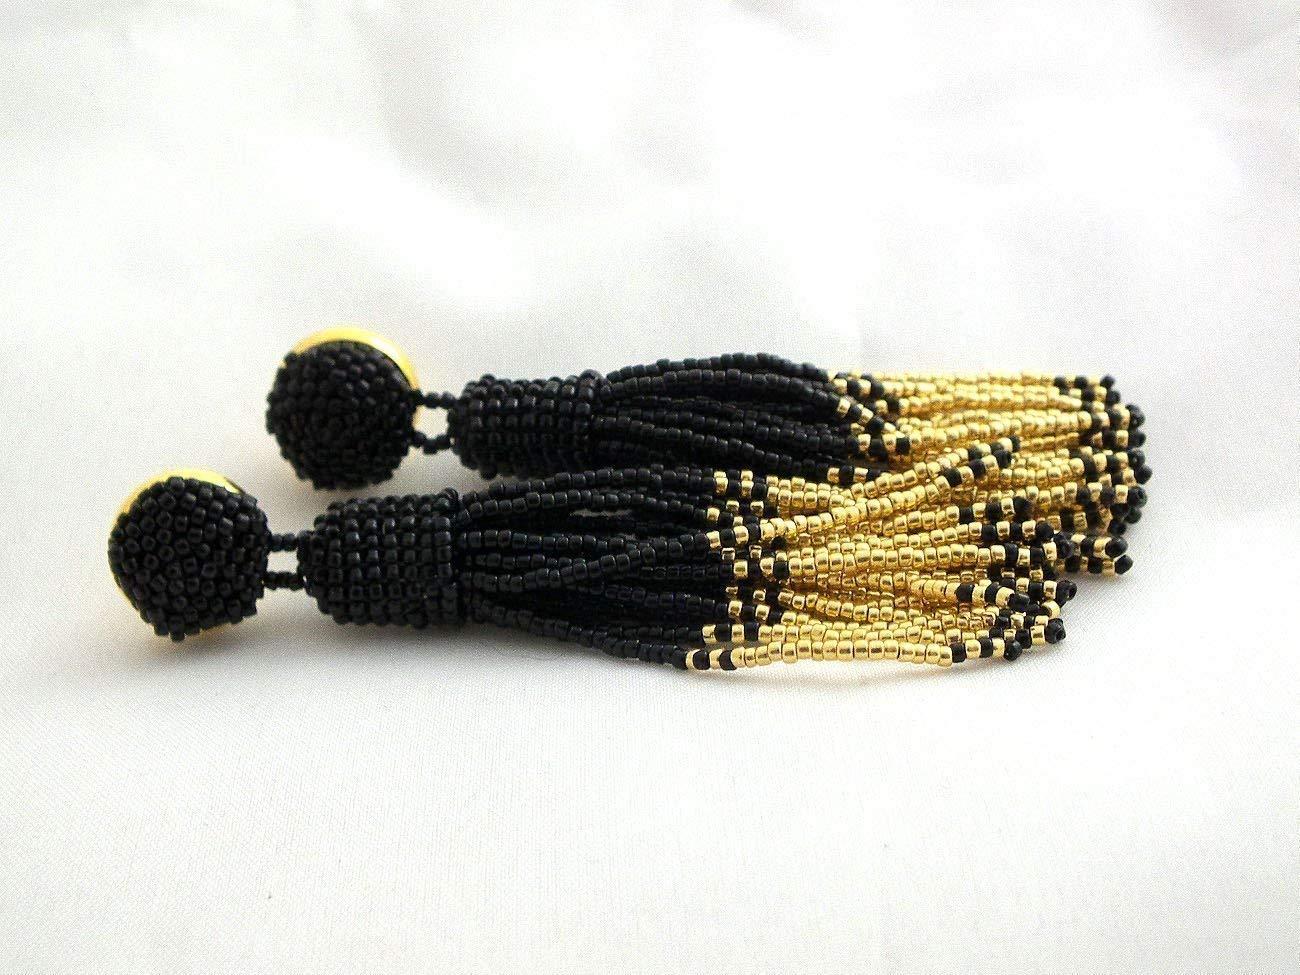 SALE Beaded long tassel earrings, black gold mix tassle earrings, statement seed beads earrings, luxury party earrings, handmade mothers day gifts for women